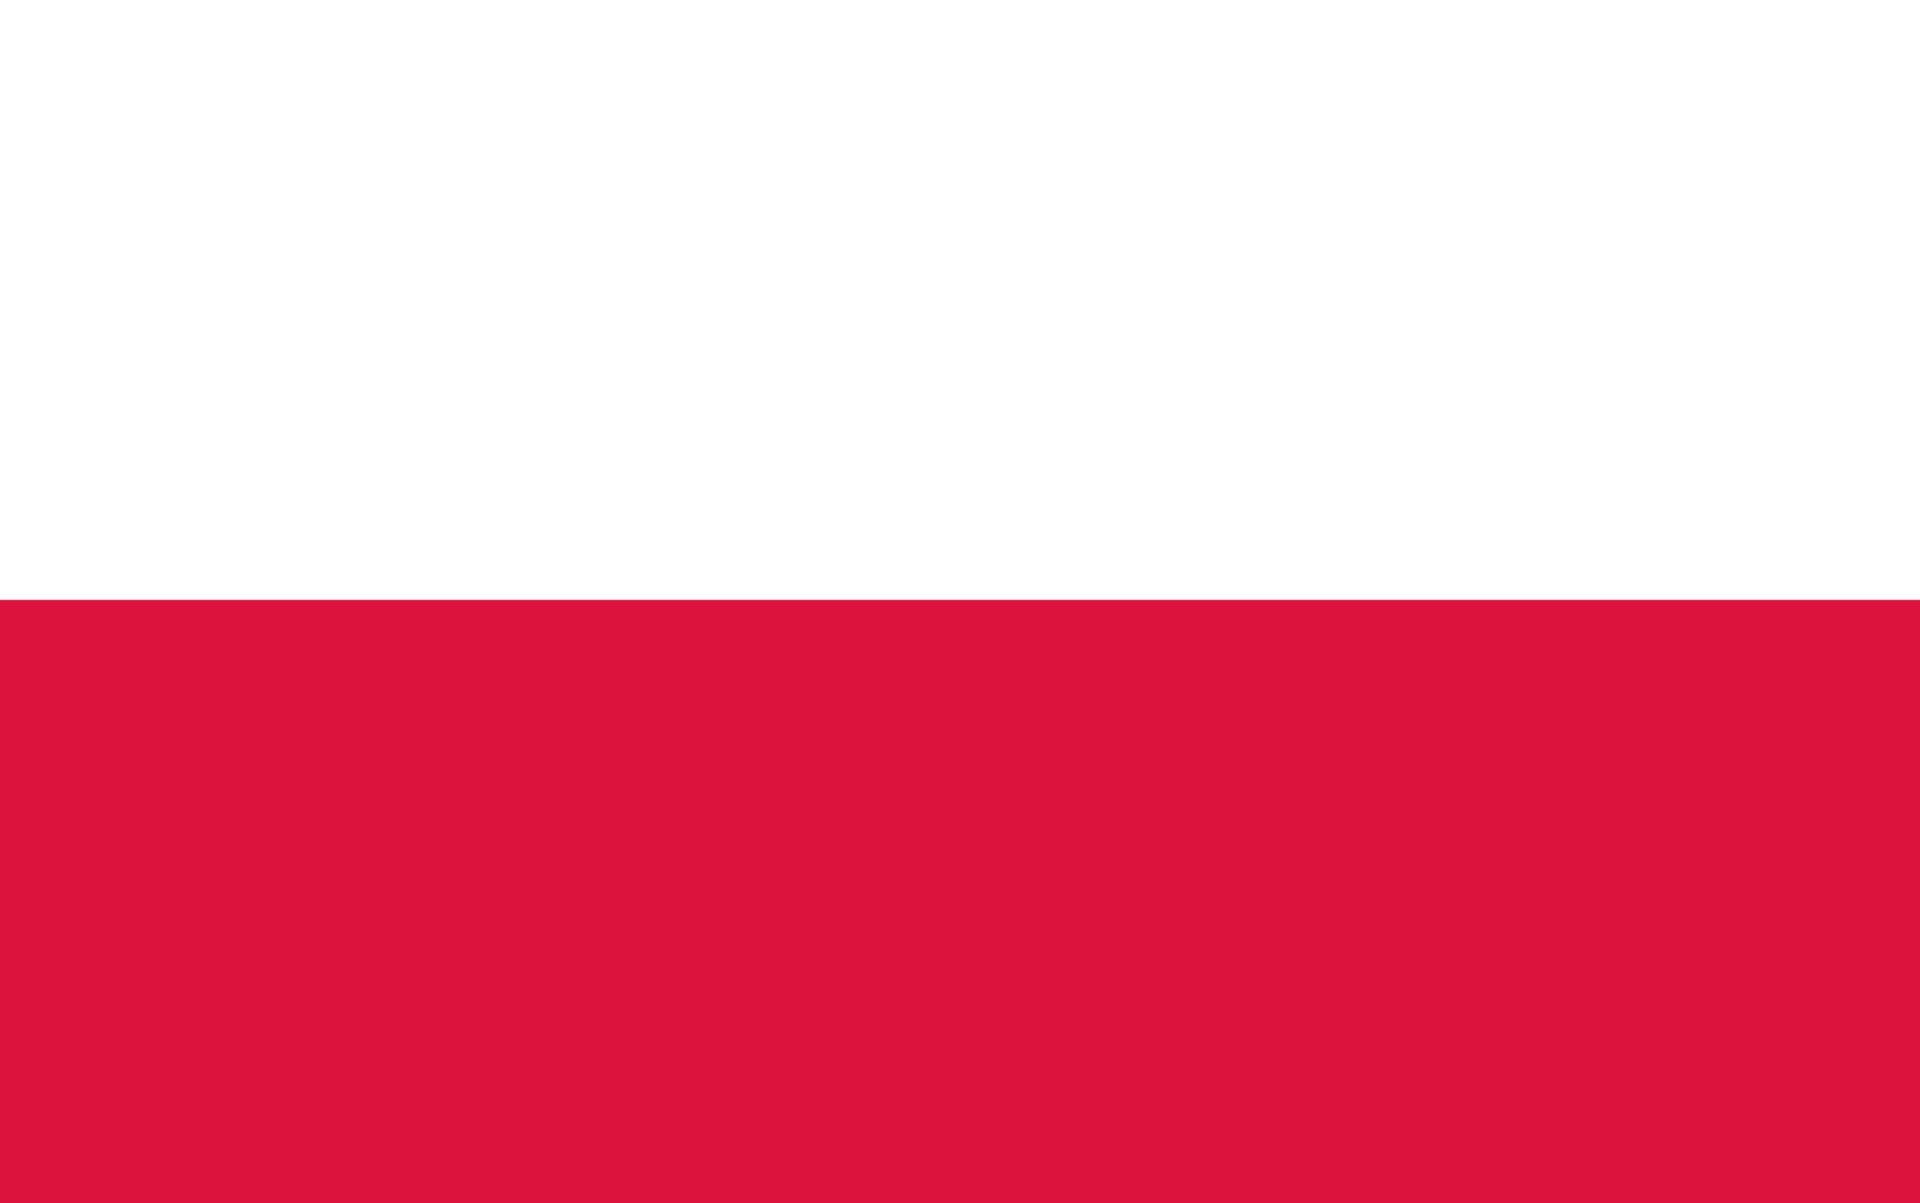 poland-flag-large